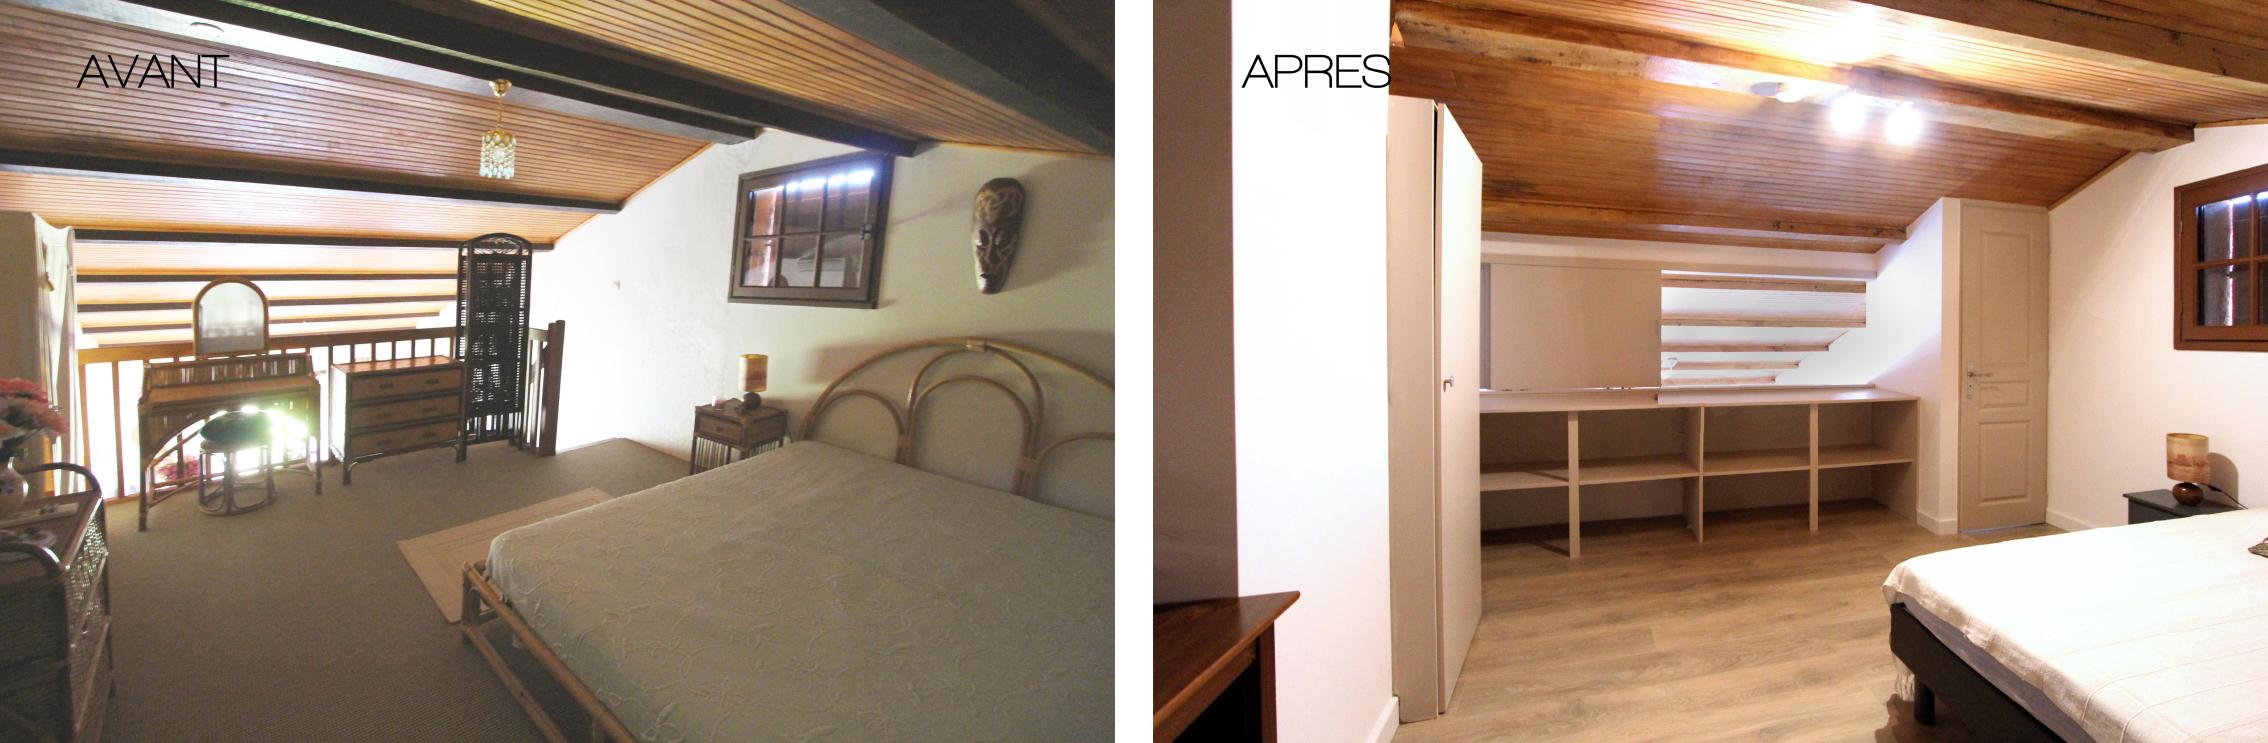 r novation d 39 un appartement de vacances au bord de la mer atelier rnb. Black Bedroom Furniture Sets. Home Design Ideas